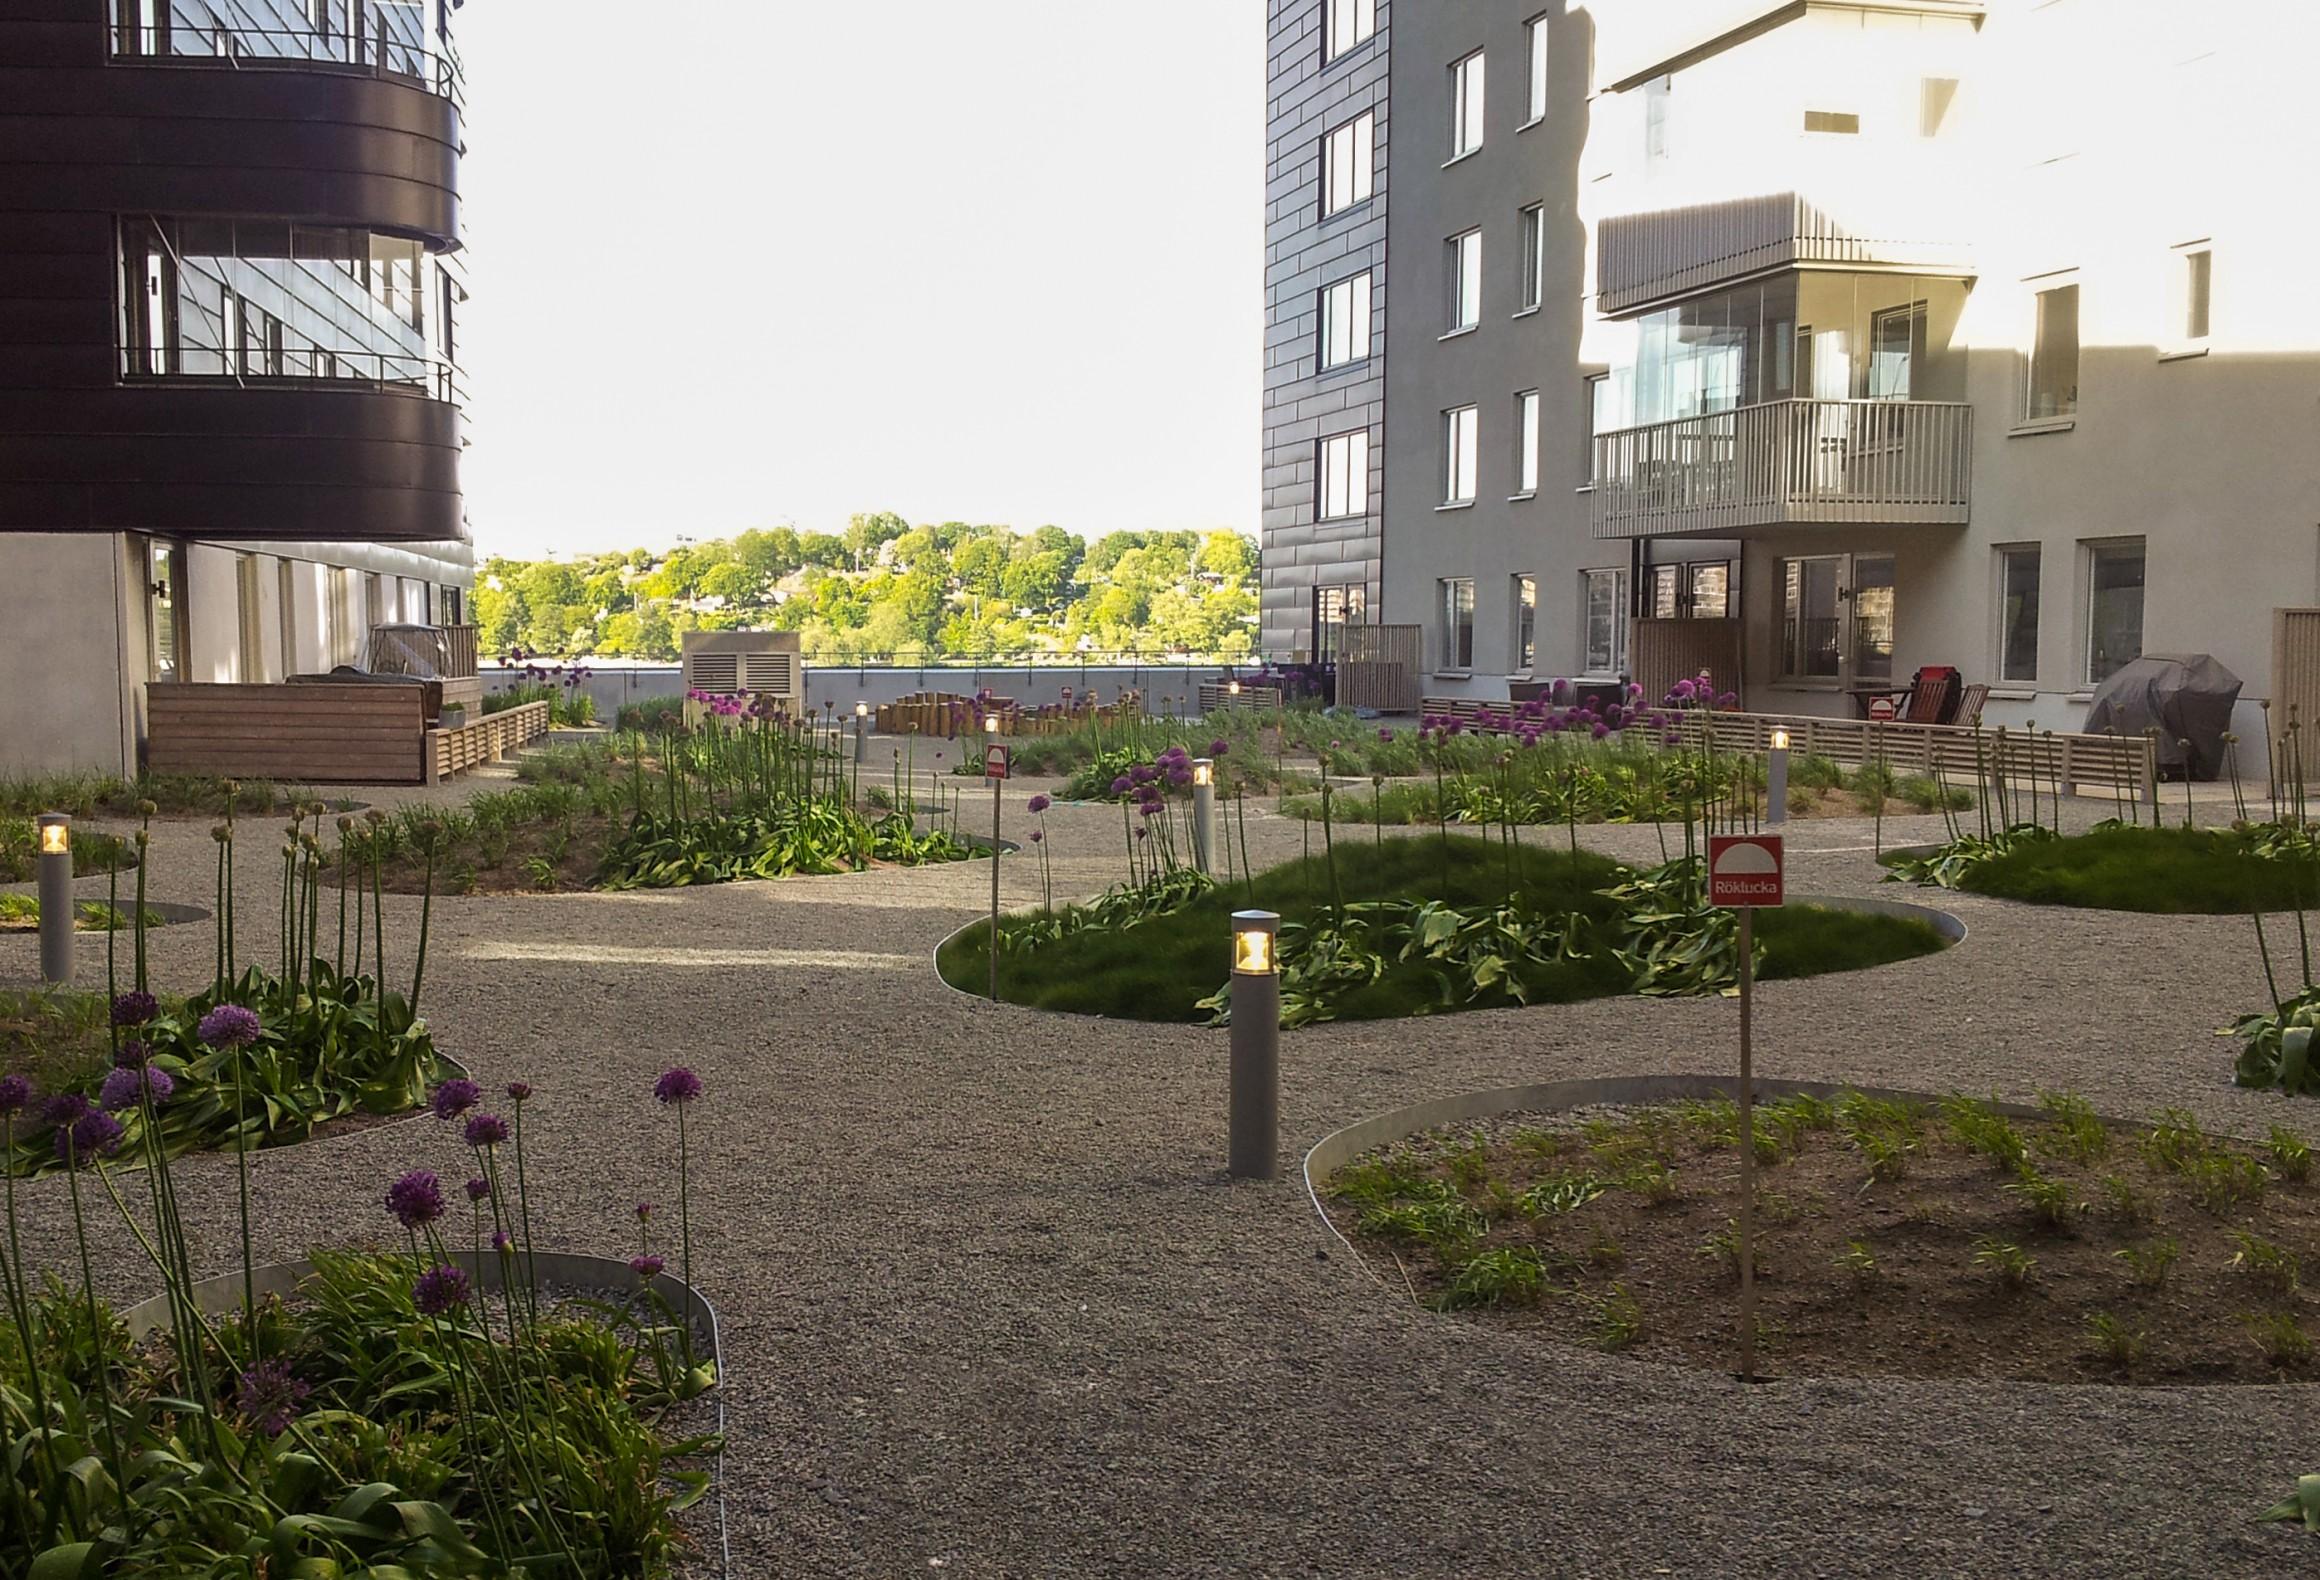 park between apartments